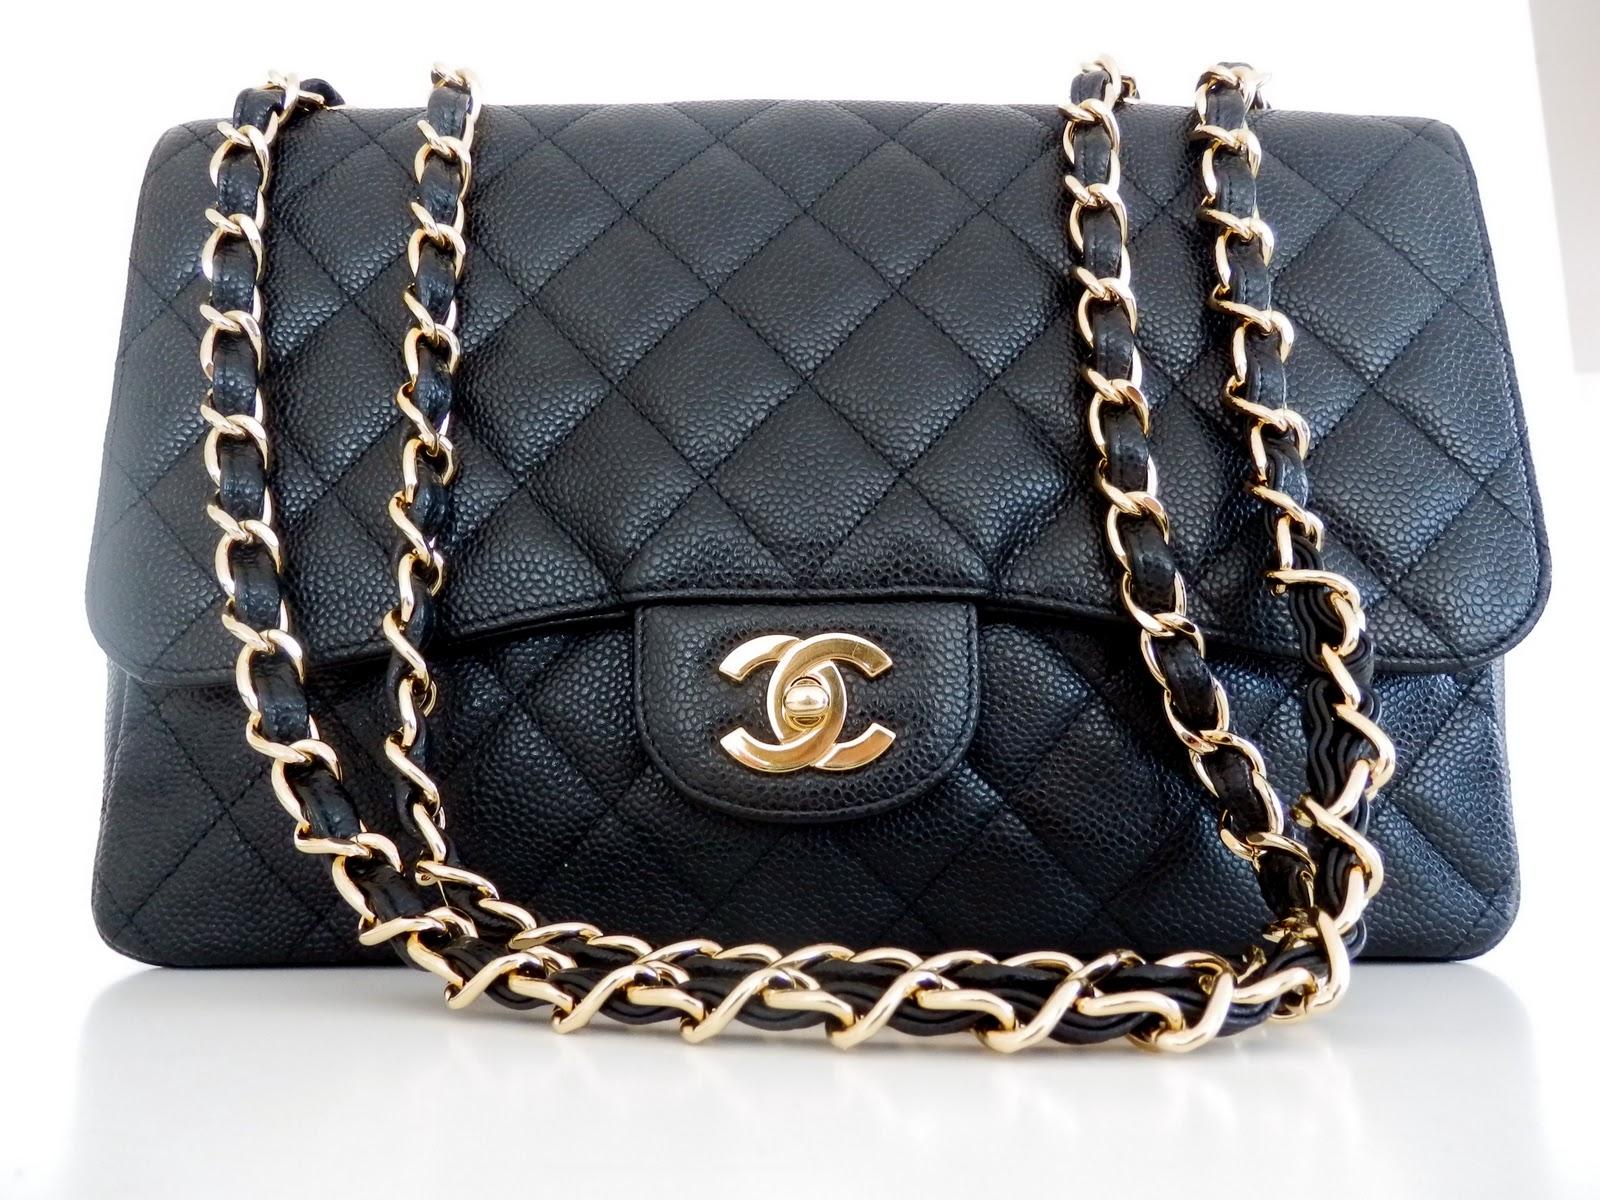 storia della borsa chanel scarpe accessori collezioni moda borse bijoux su babastyles. Black Bedroom Furniture Sets. Home Design Ideas